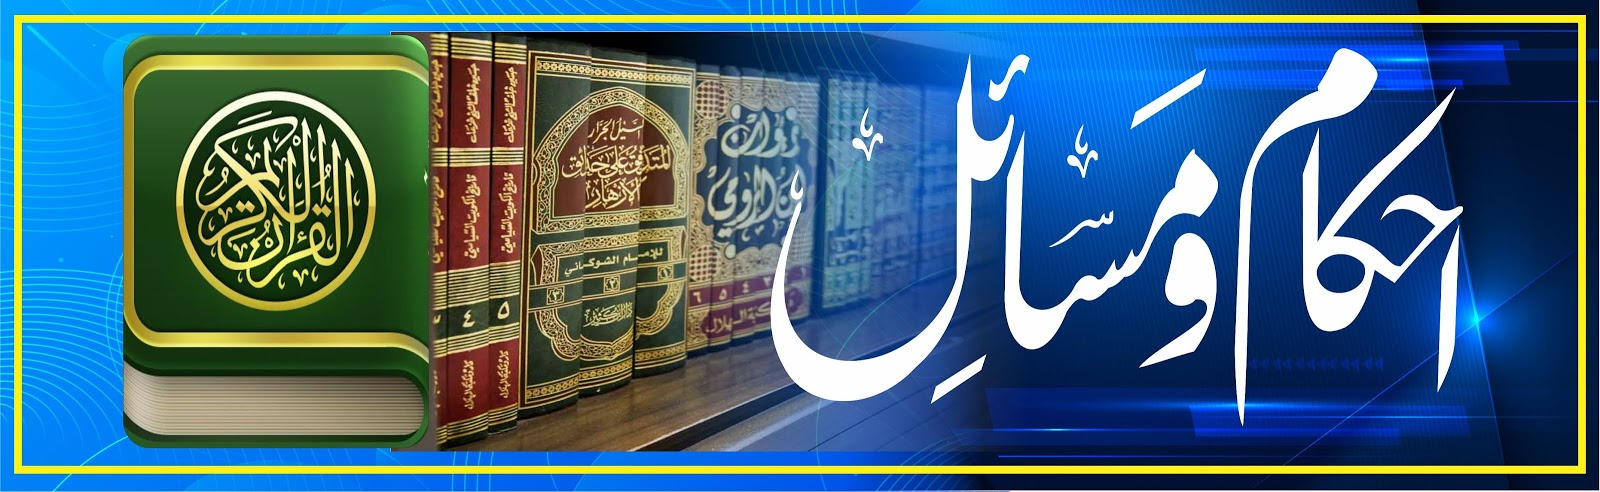 احکام ومسائل، روزہ، رمضان، مسواک